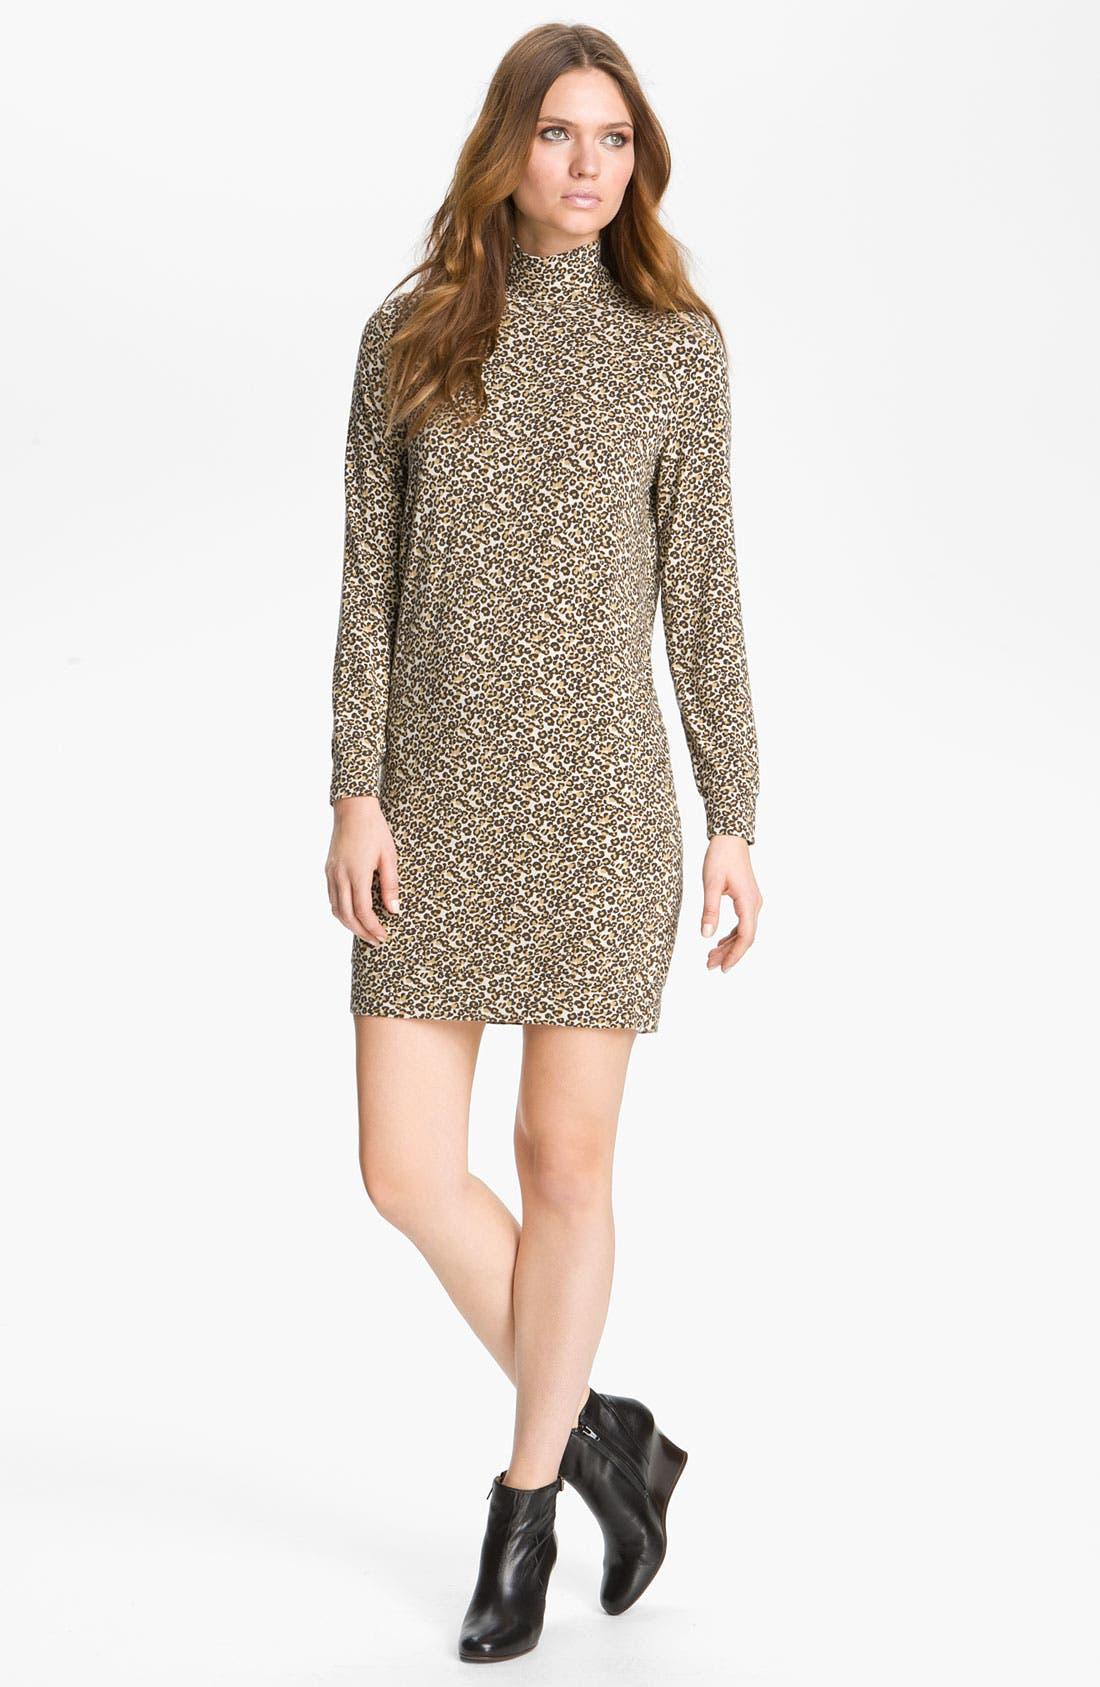 Main Image - A.P.C. Leopard Print Turtleneck Dress